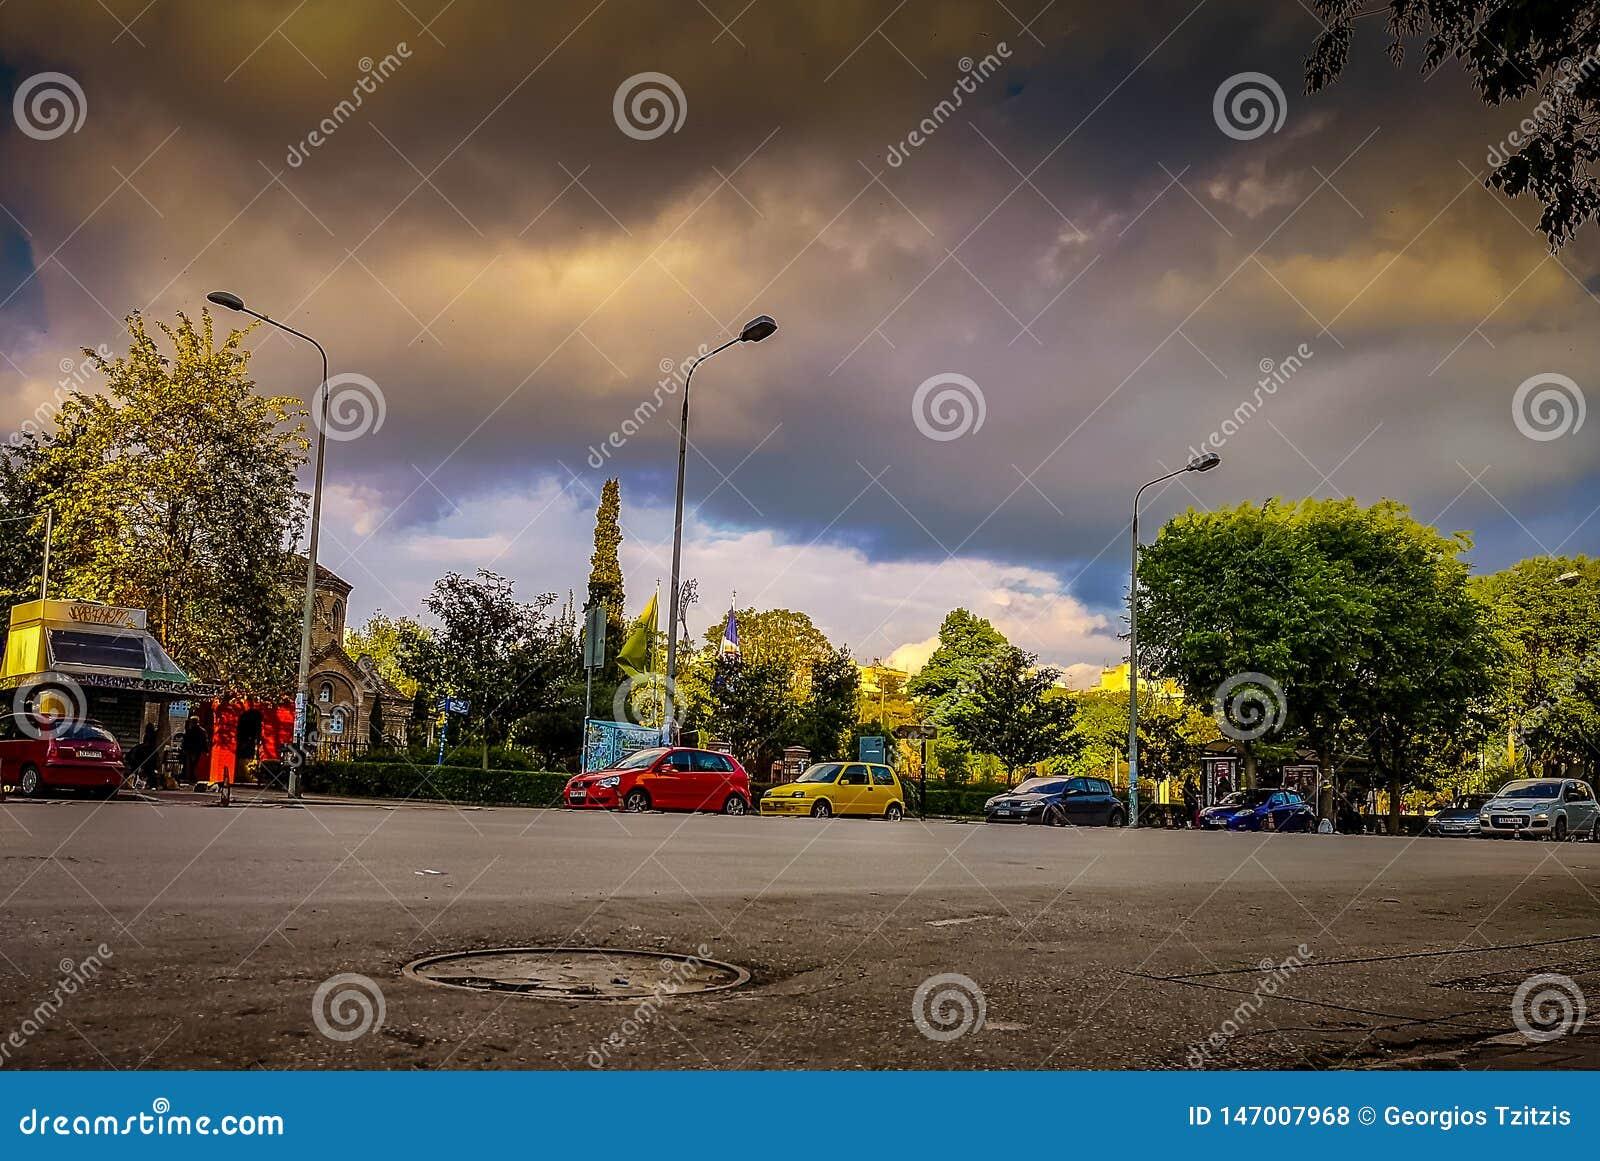 Η οδός Aristotelous ο διασημότερος της πόλης και του τετραγώνου η πιό συνηθισμένη συνεδρίαση δείχνει για να αρχίσει έναν περίπατο